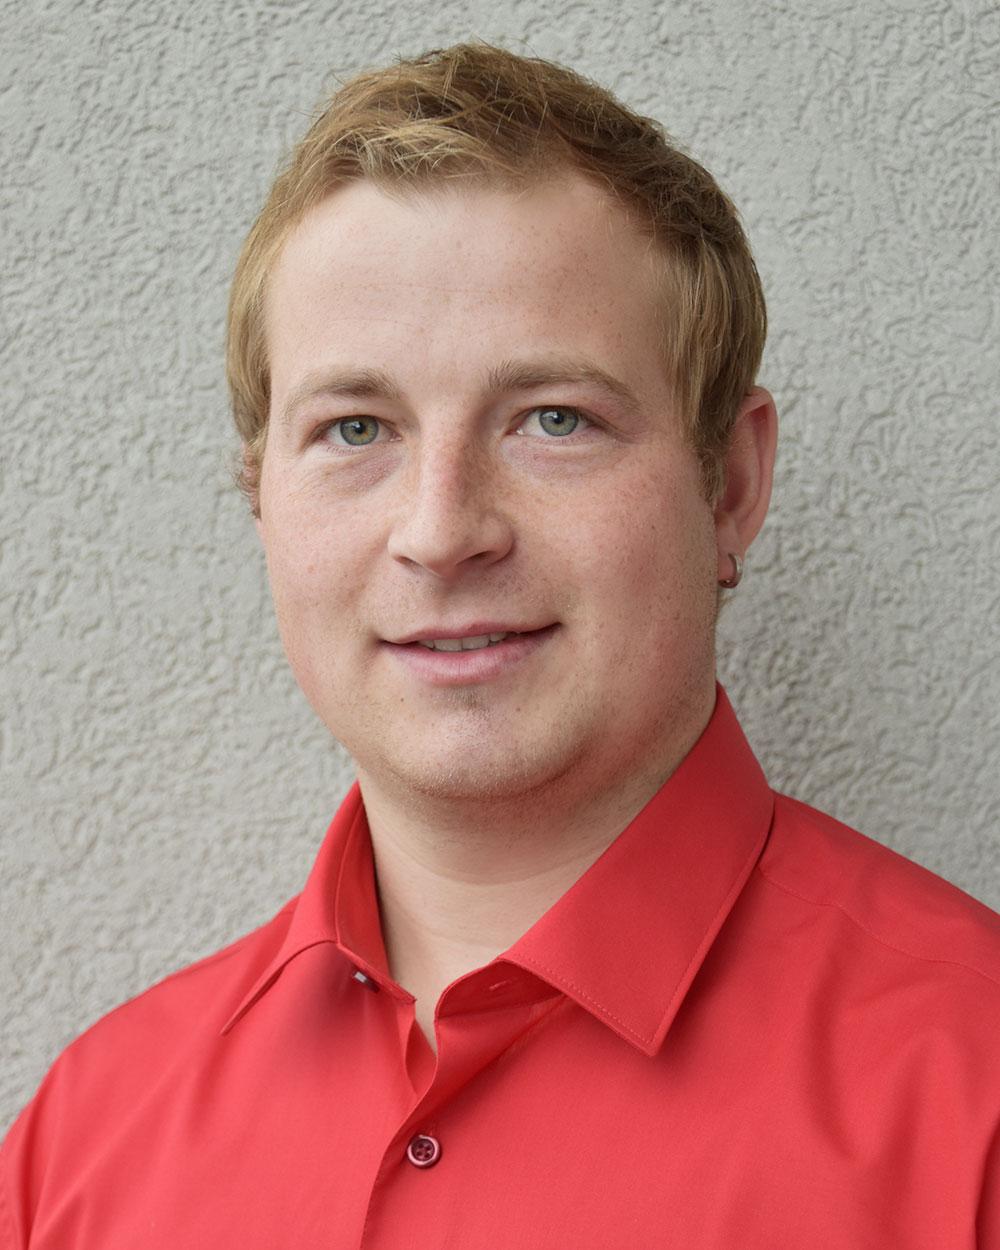 Daniel Fink